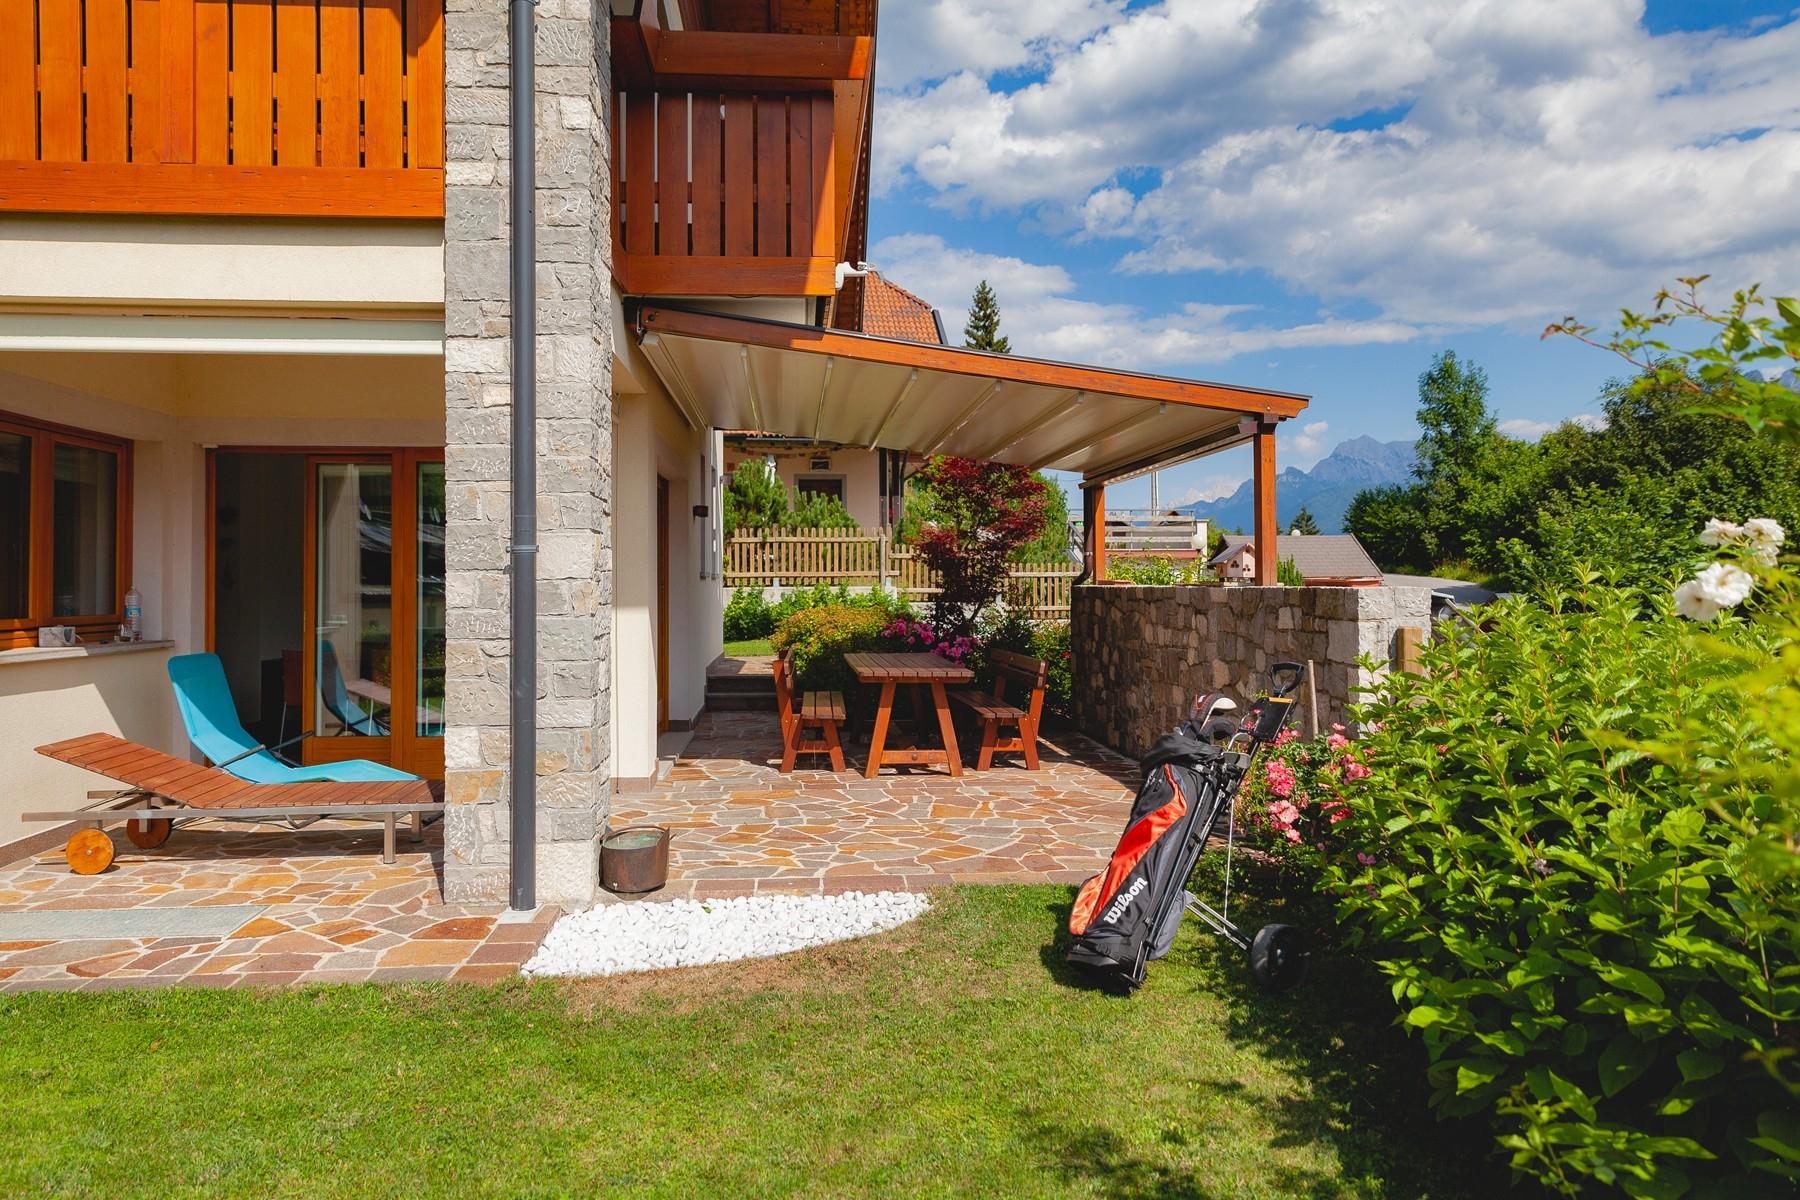 Casa indipendente in Vendita a Tarvisio: 5 locali, 300 mq - Foto 5